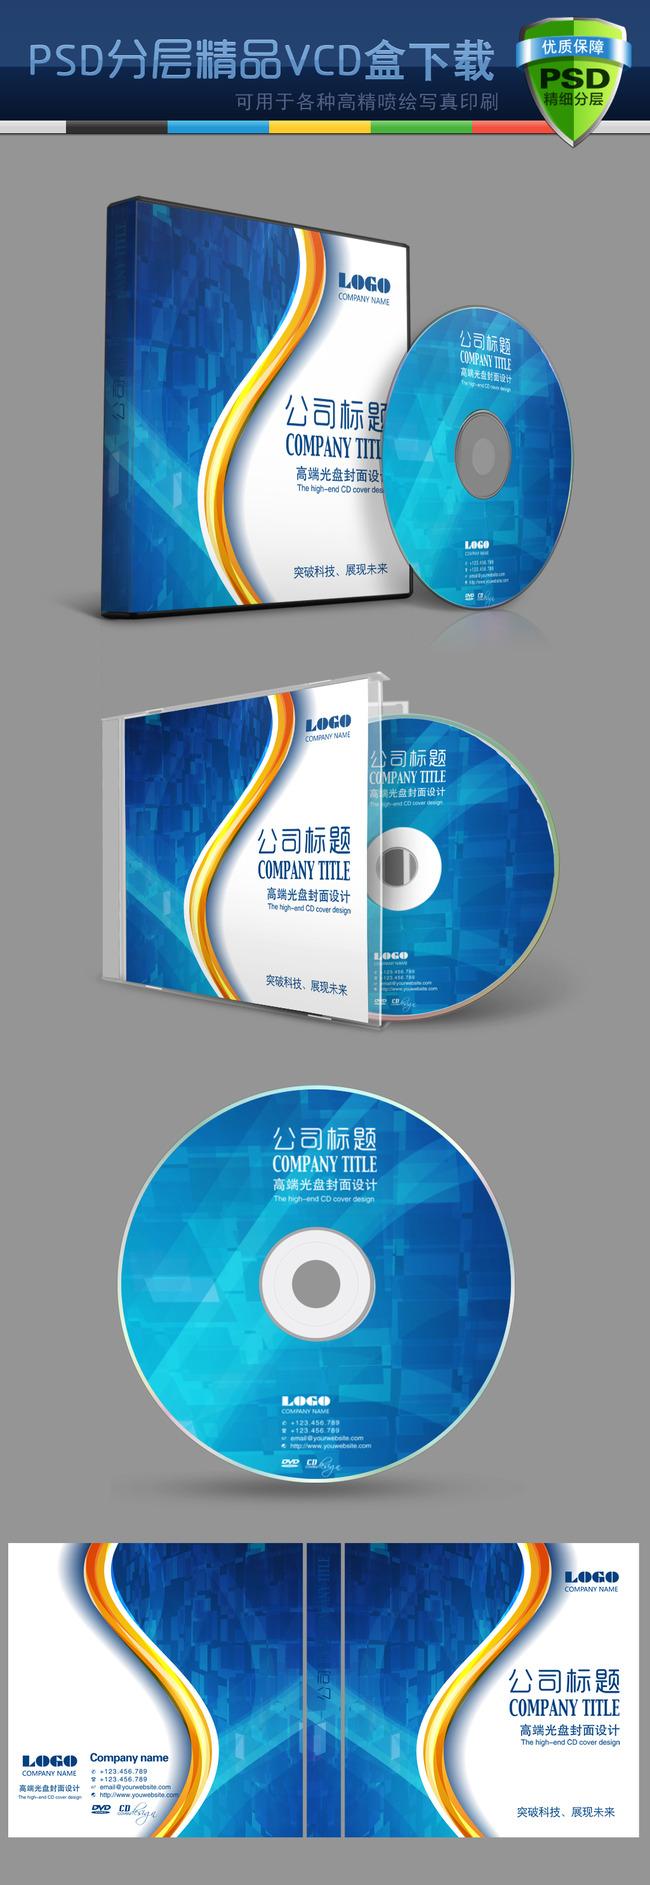 蓝色精品企业公司宣传dvd光盘贴图封面模板下载(图片